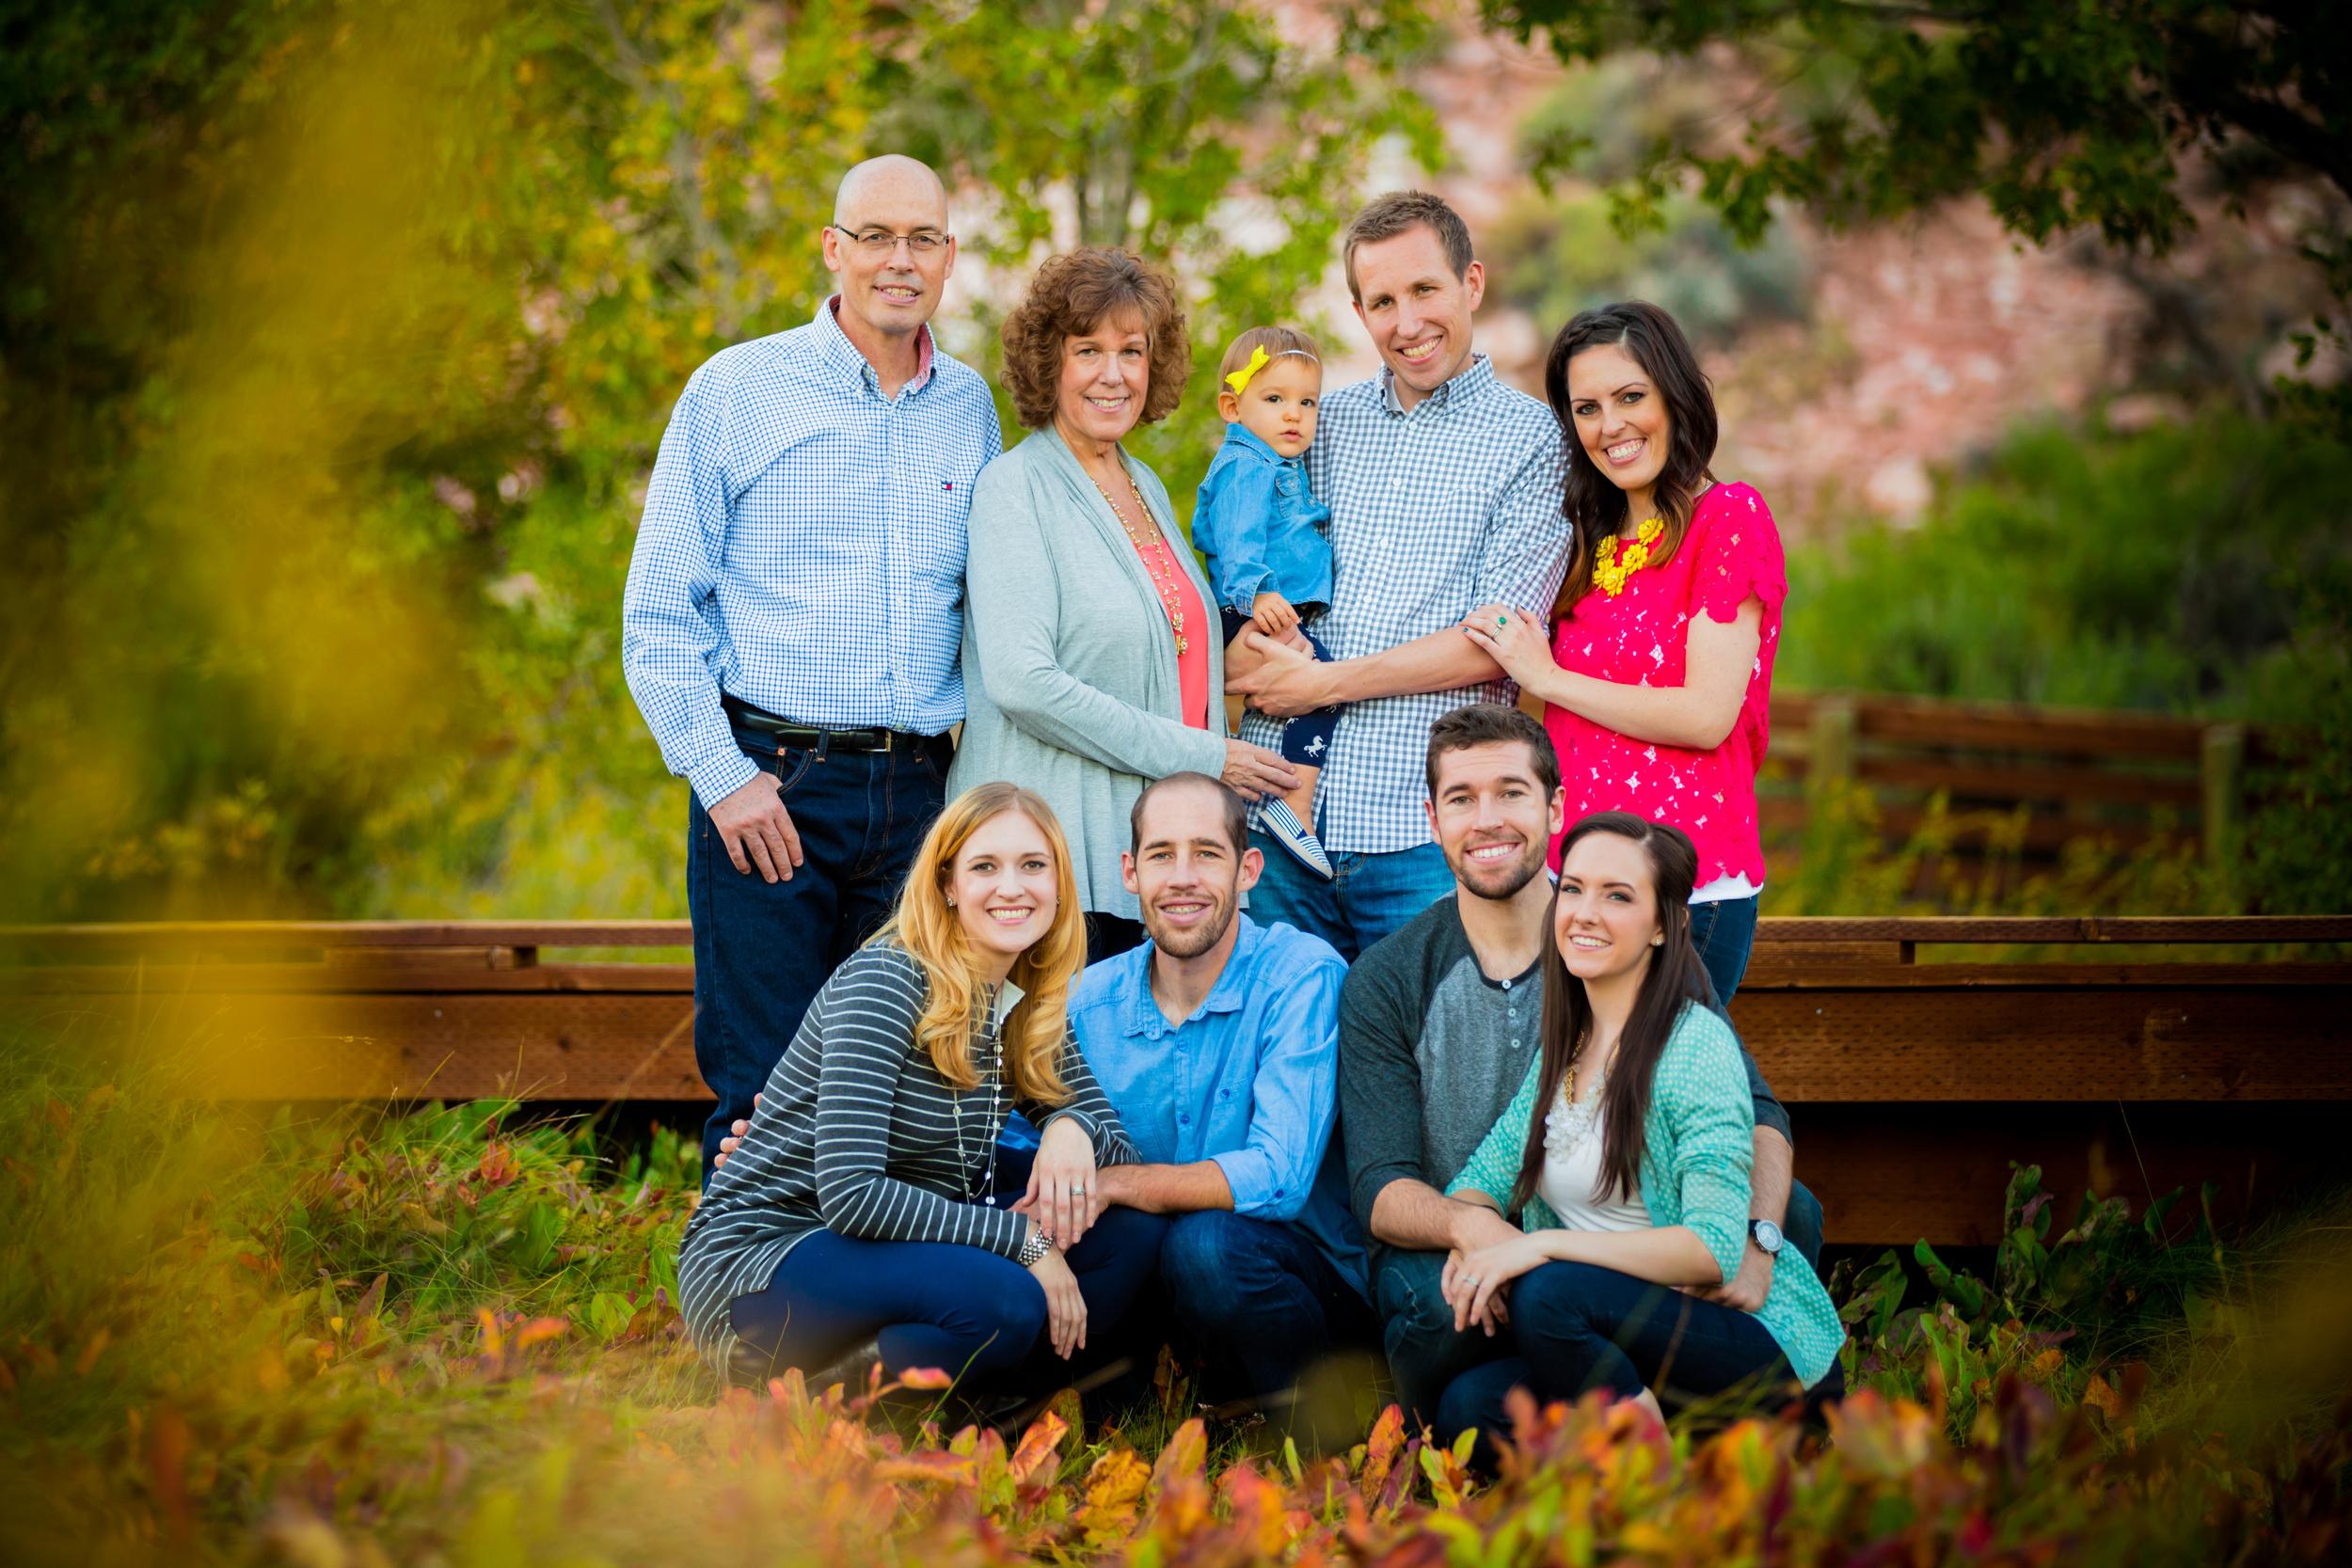 Calico Basin family photos